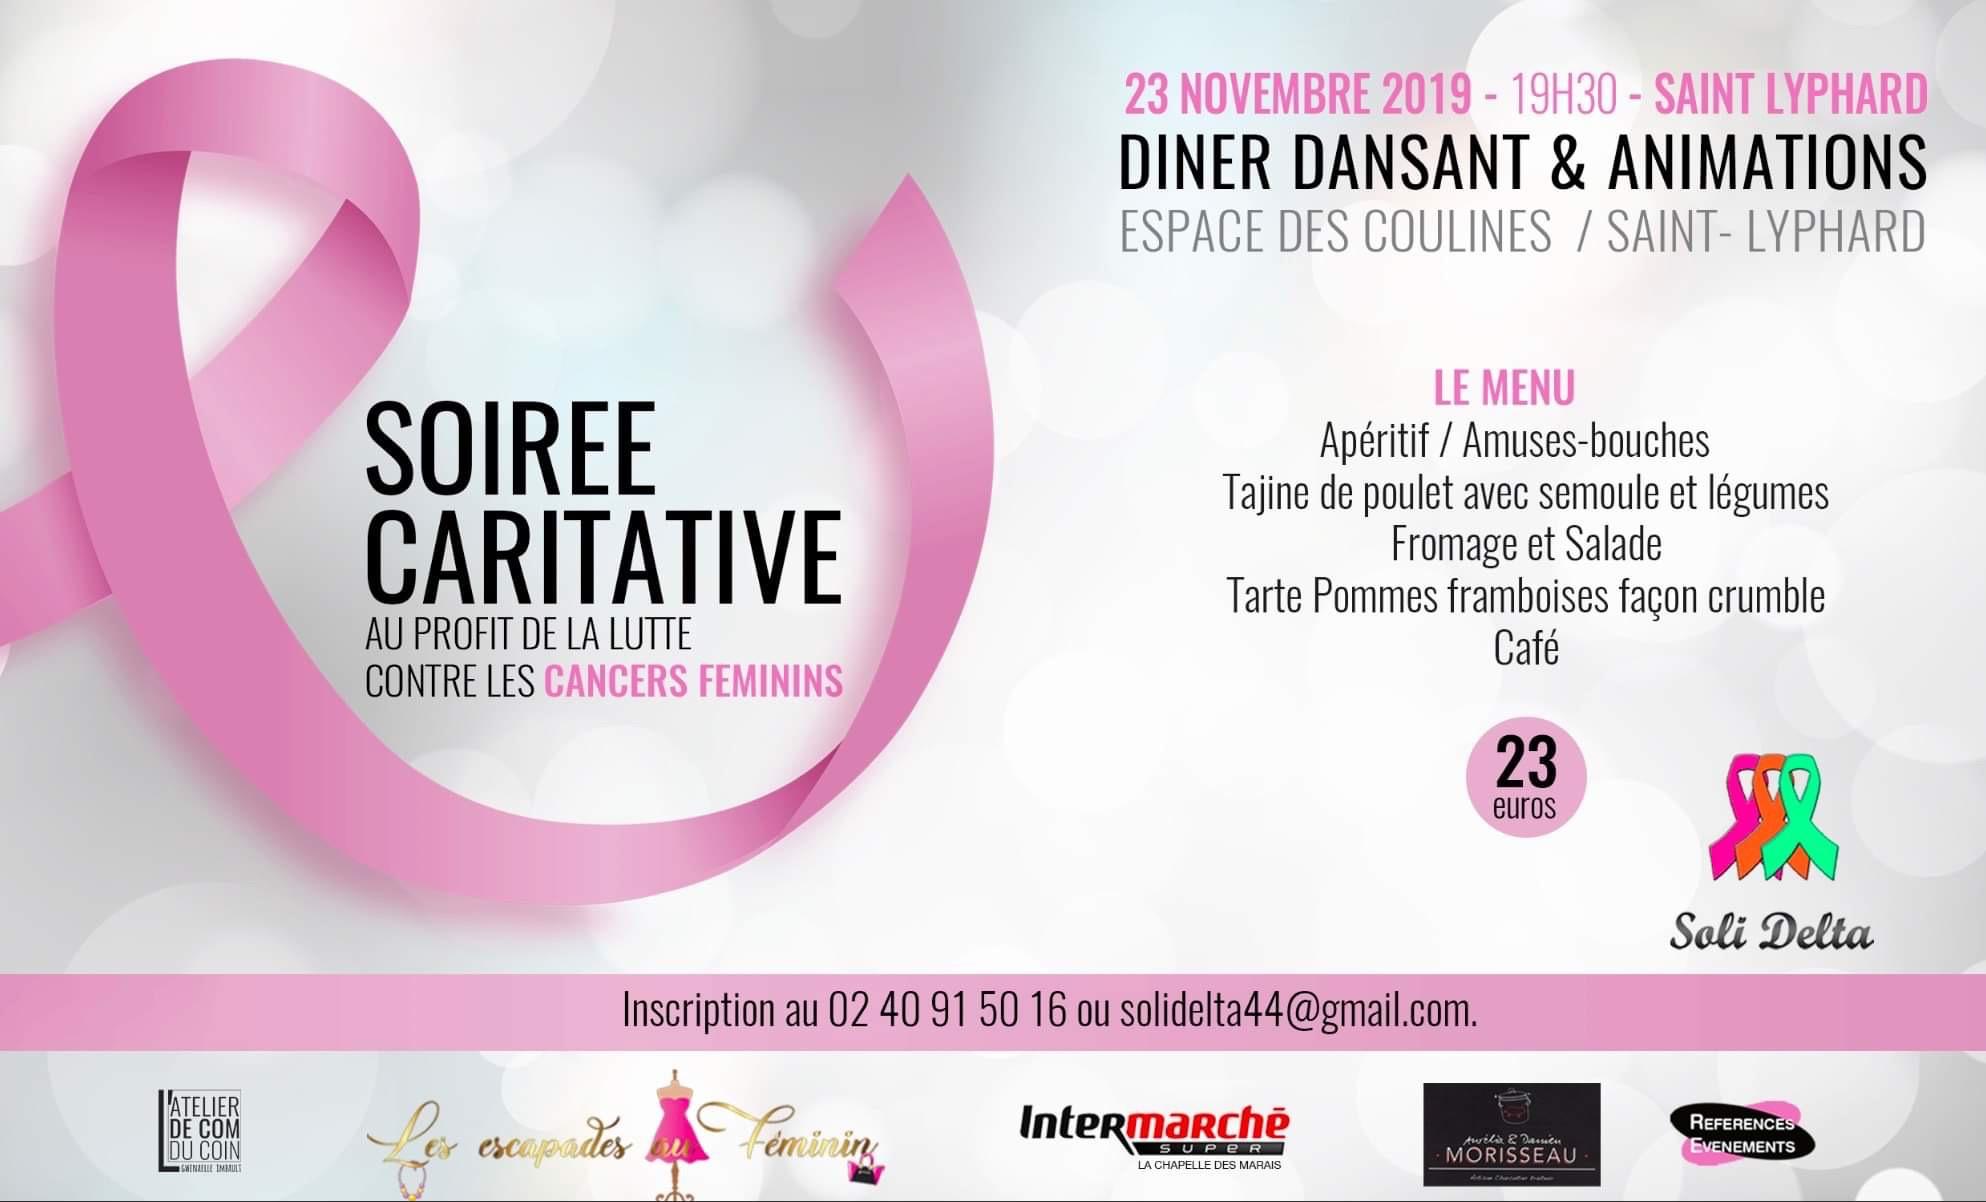 Soirée caritative contre les cancers feminins